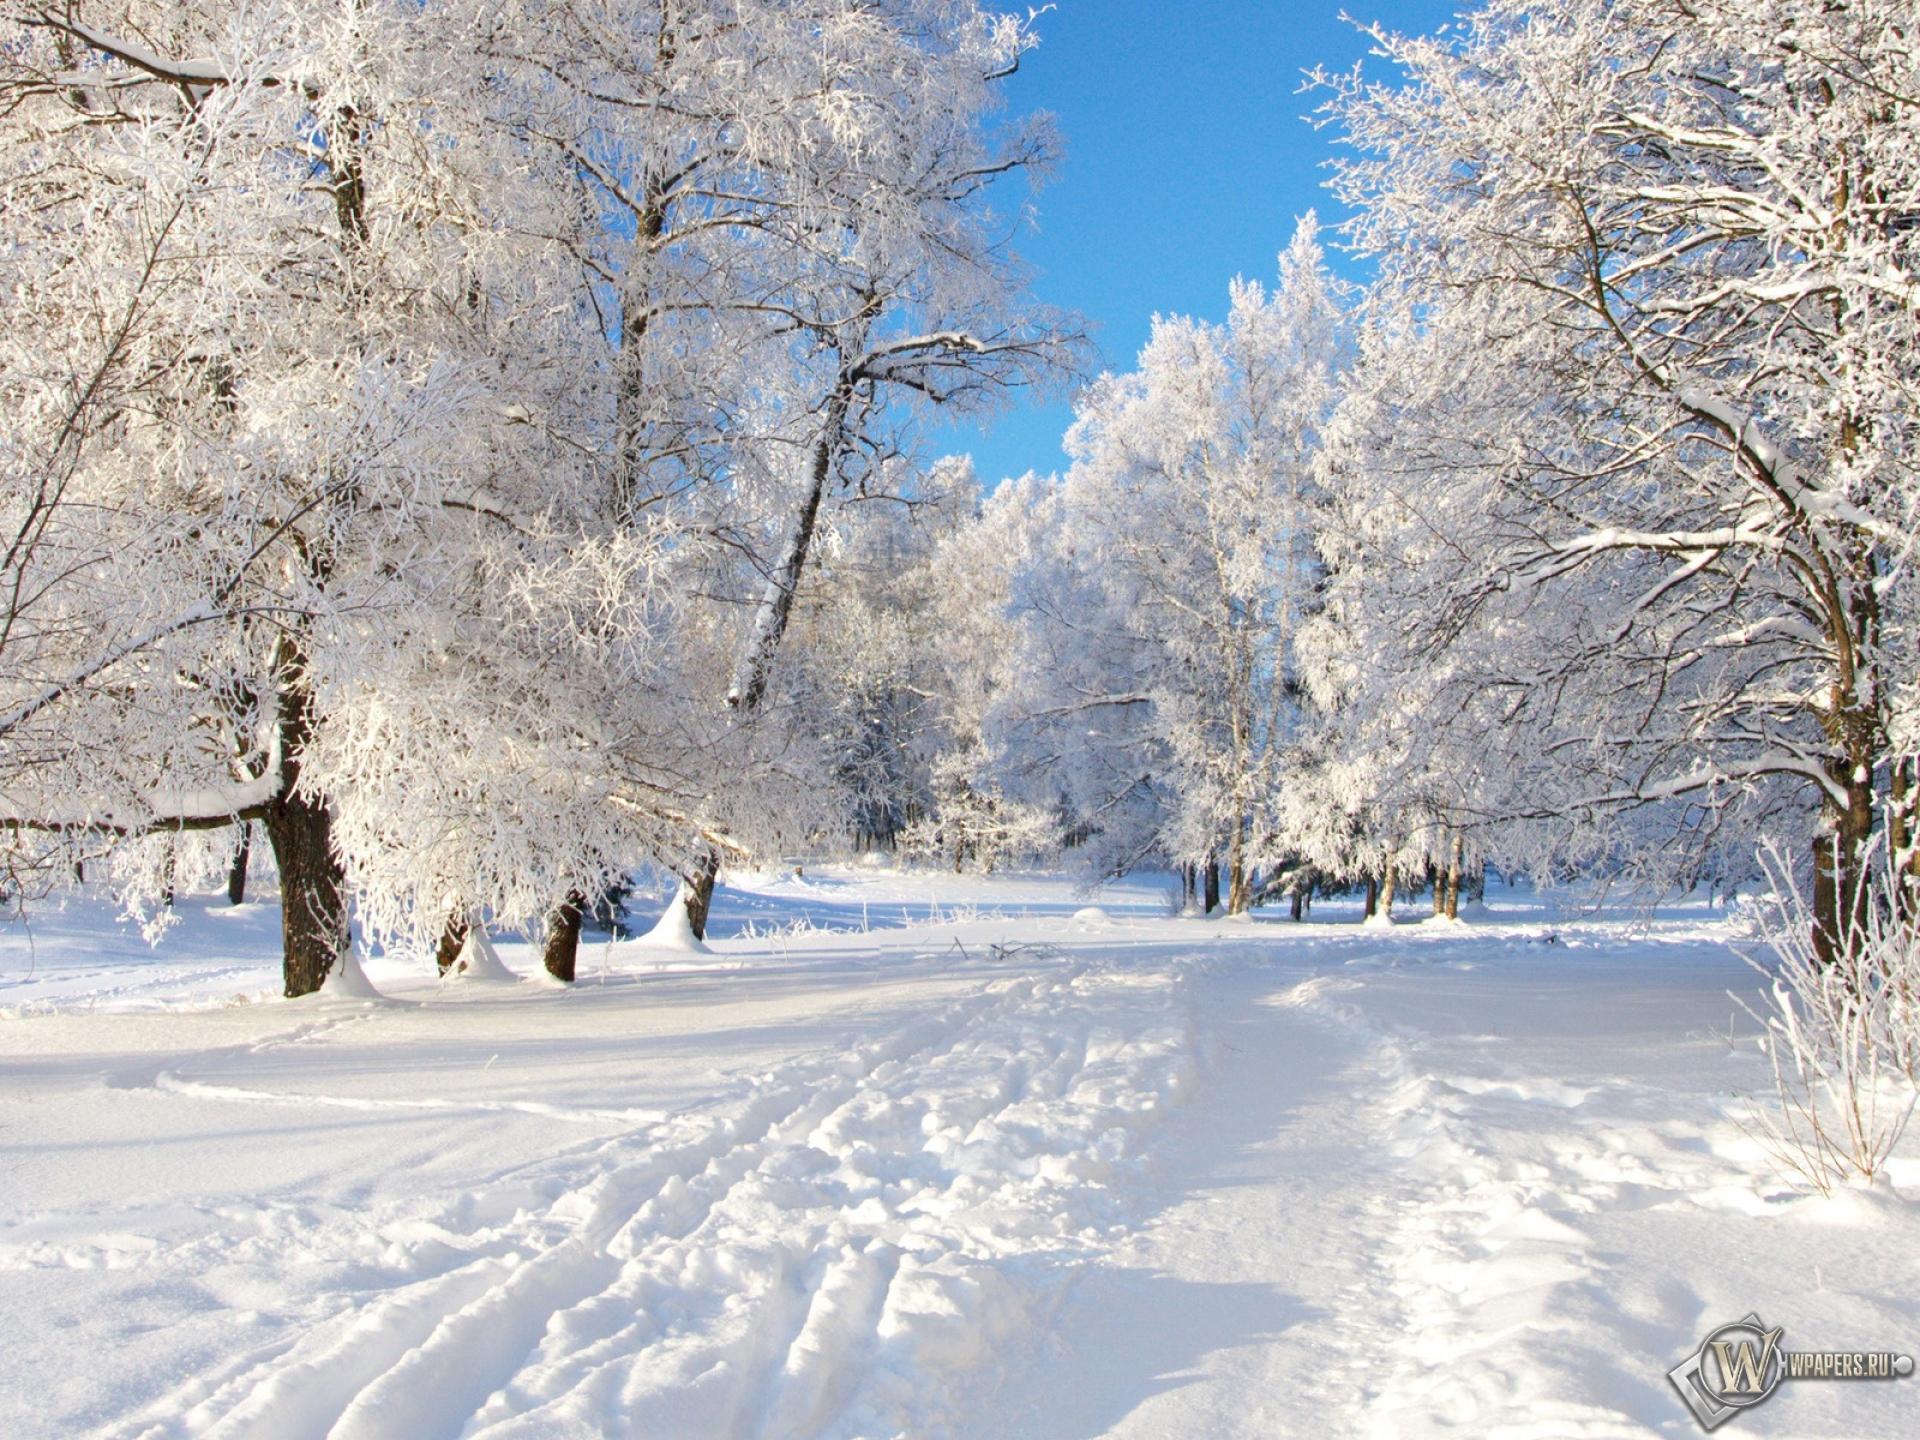 Снежная тропа 1920x1440